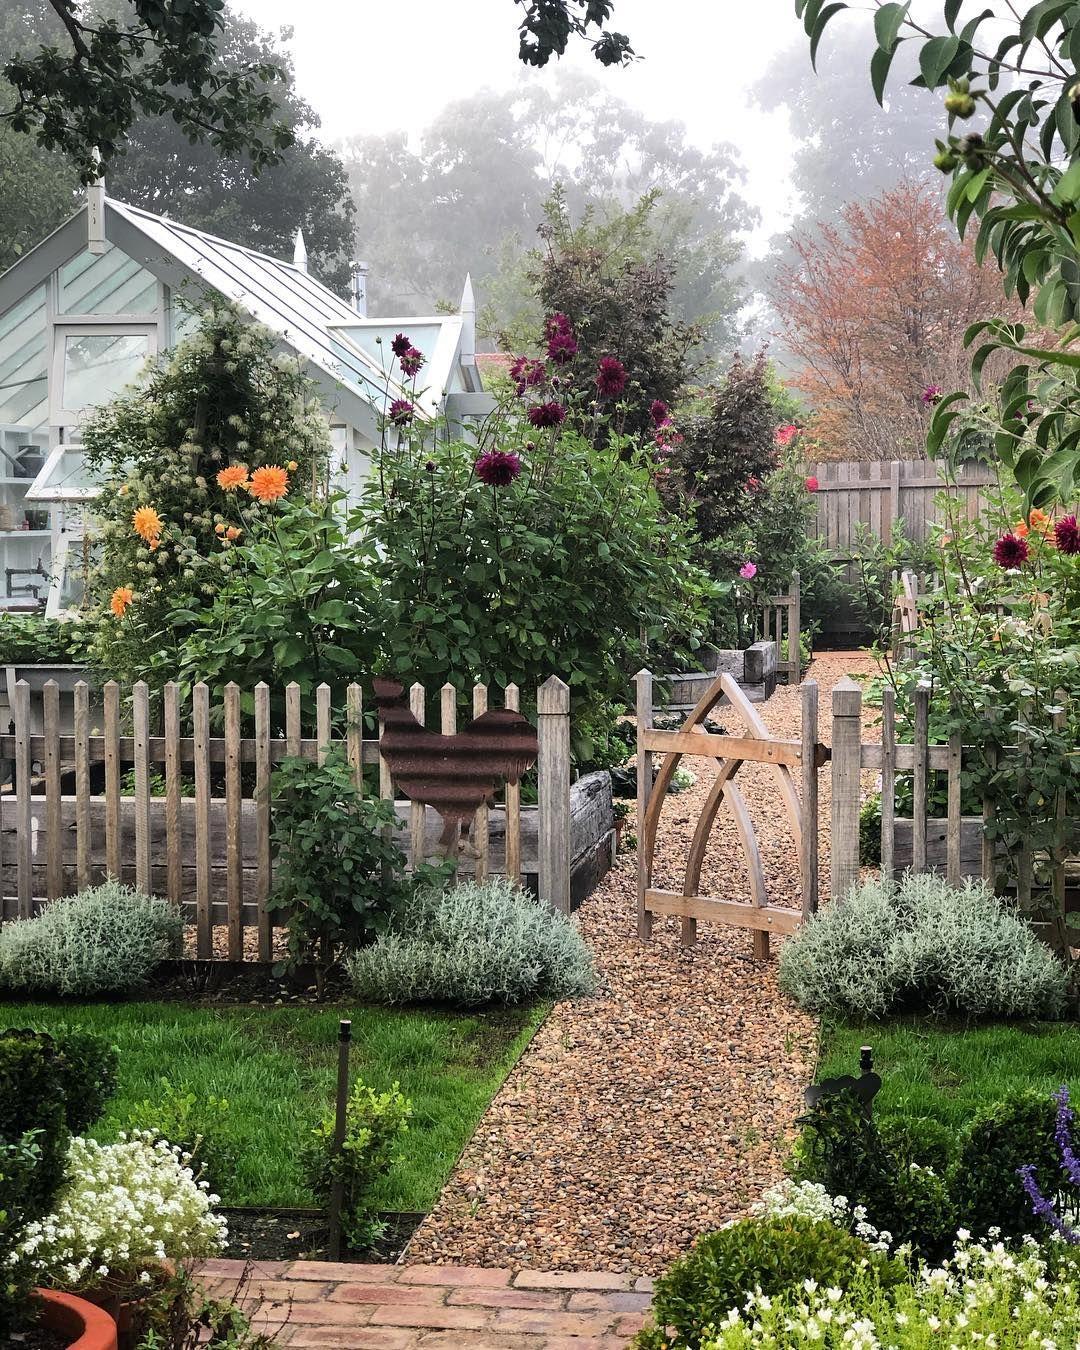 Jardin Fleur Beau L Image Contient Peut ªtre Plante Arbre Fleur Plein Air